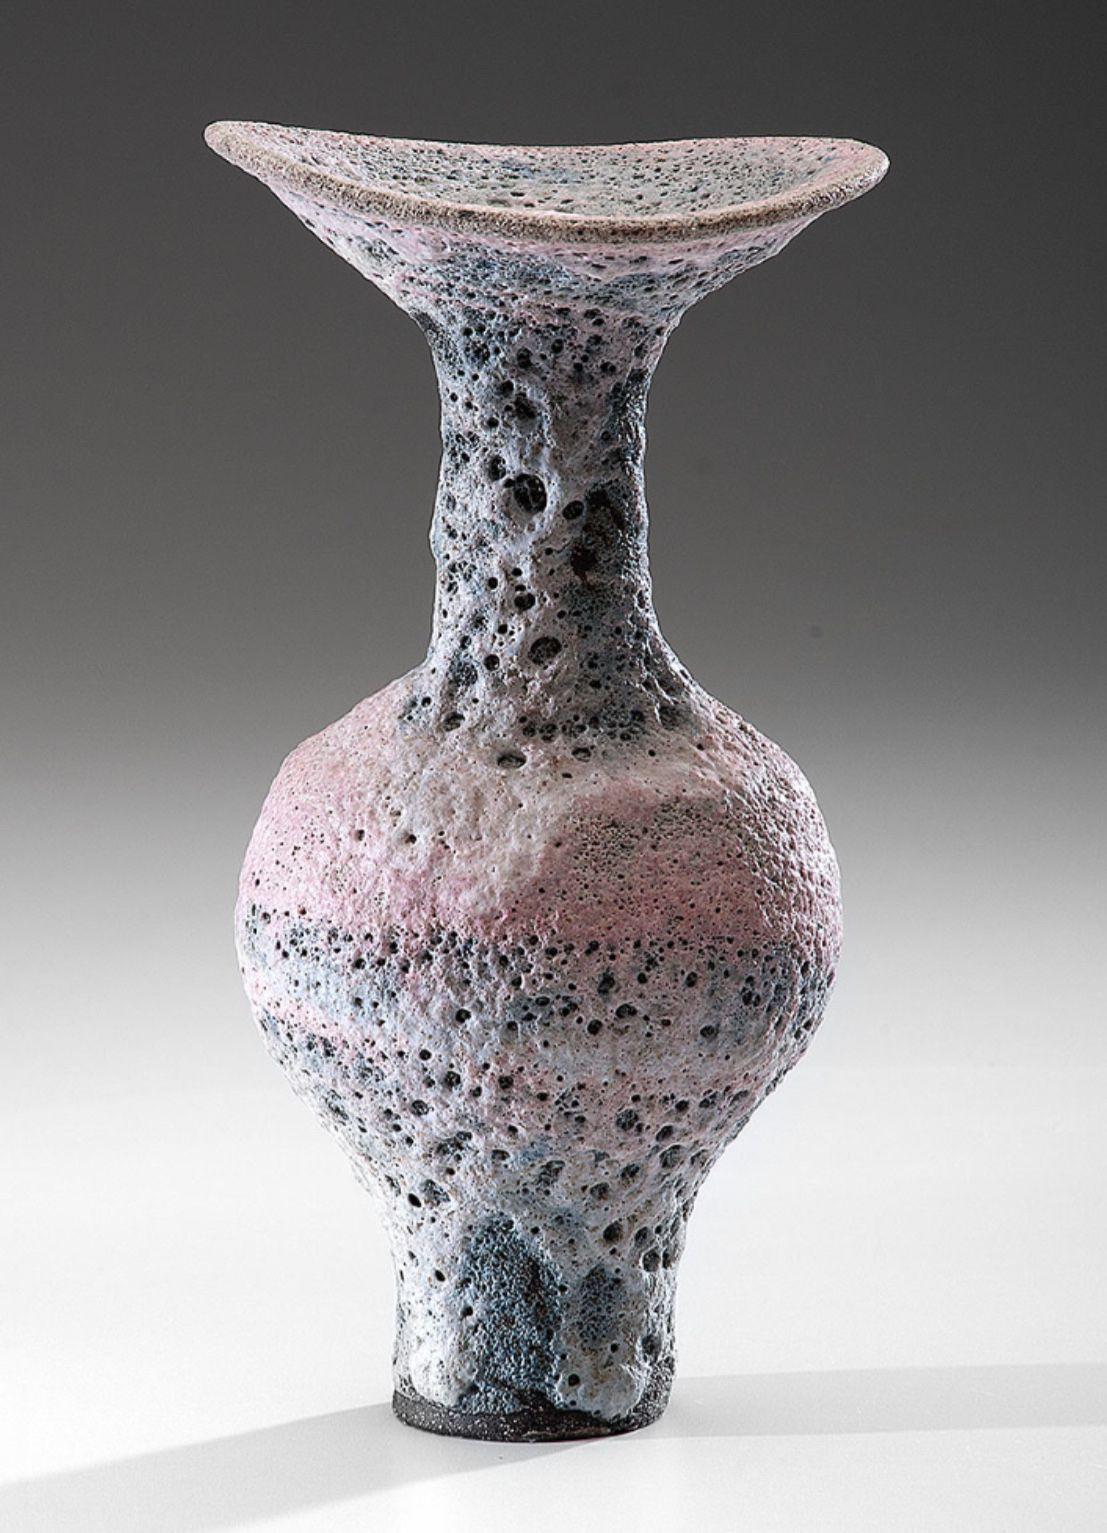 roseville blue vase of clay vase designs image s s media cache ak0 pinimg originals 33 0d inside clay vase designs image s s media cache ak0 pinimg originals 33 0d 06